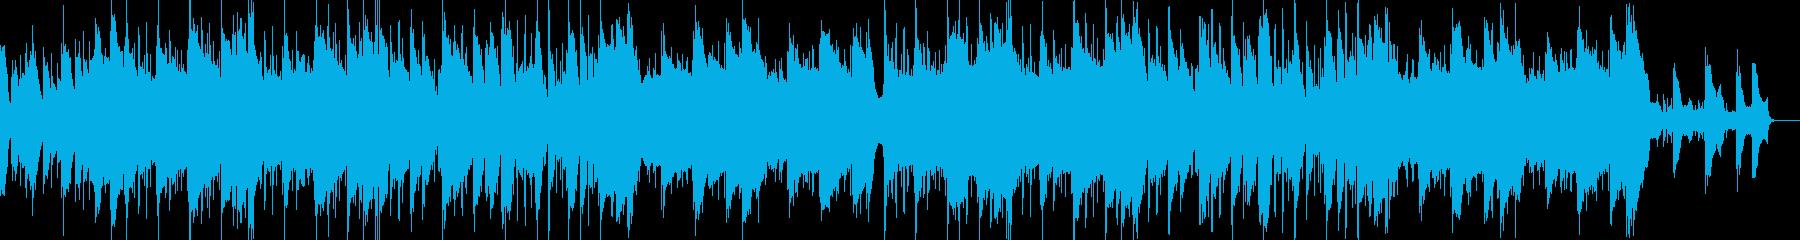 ギターのトラップの再生済みの波形